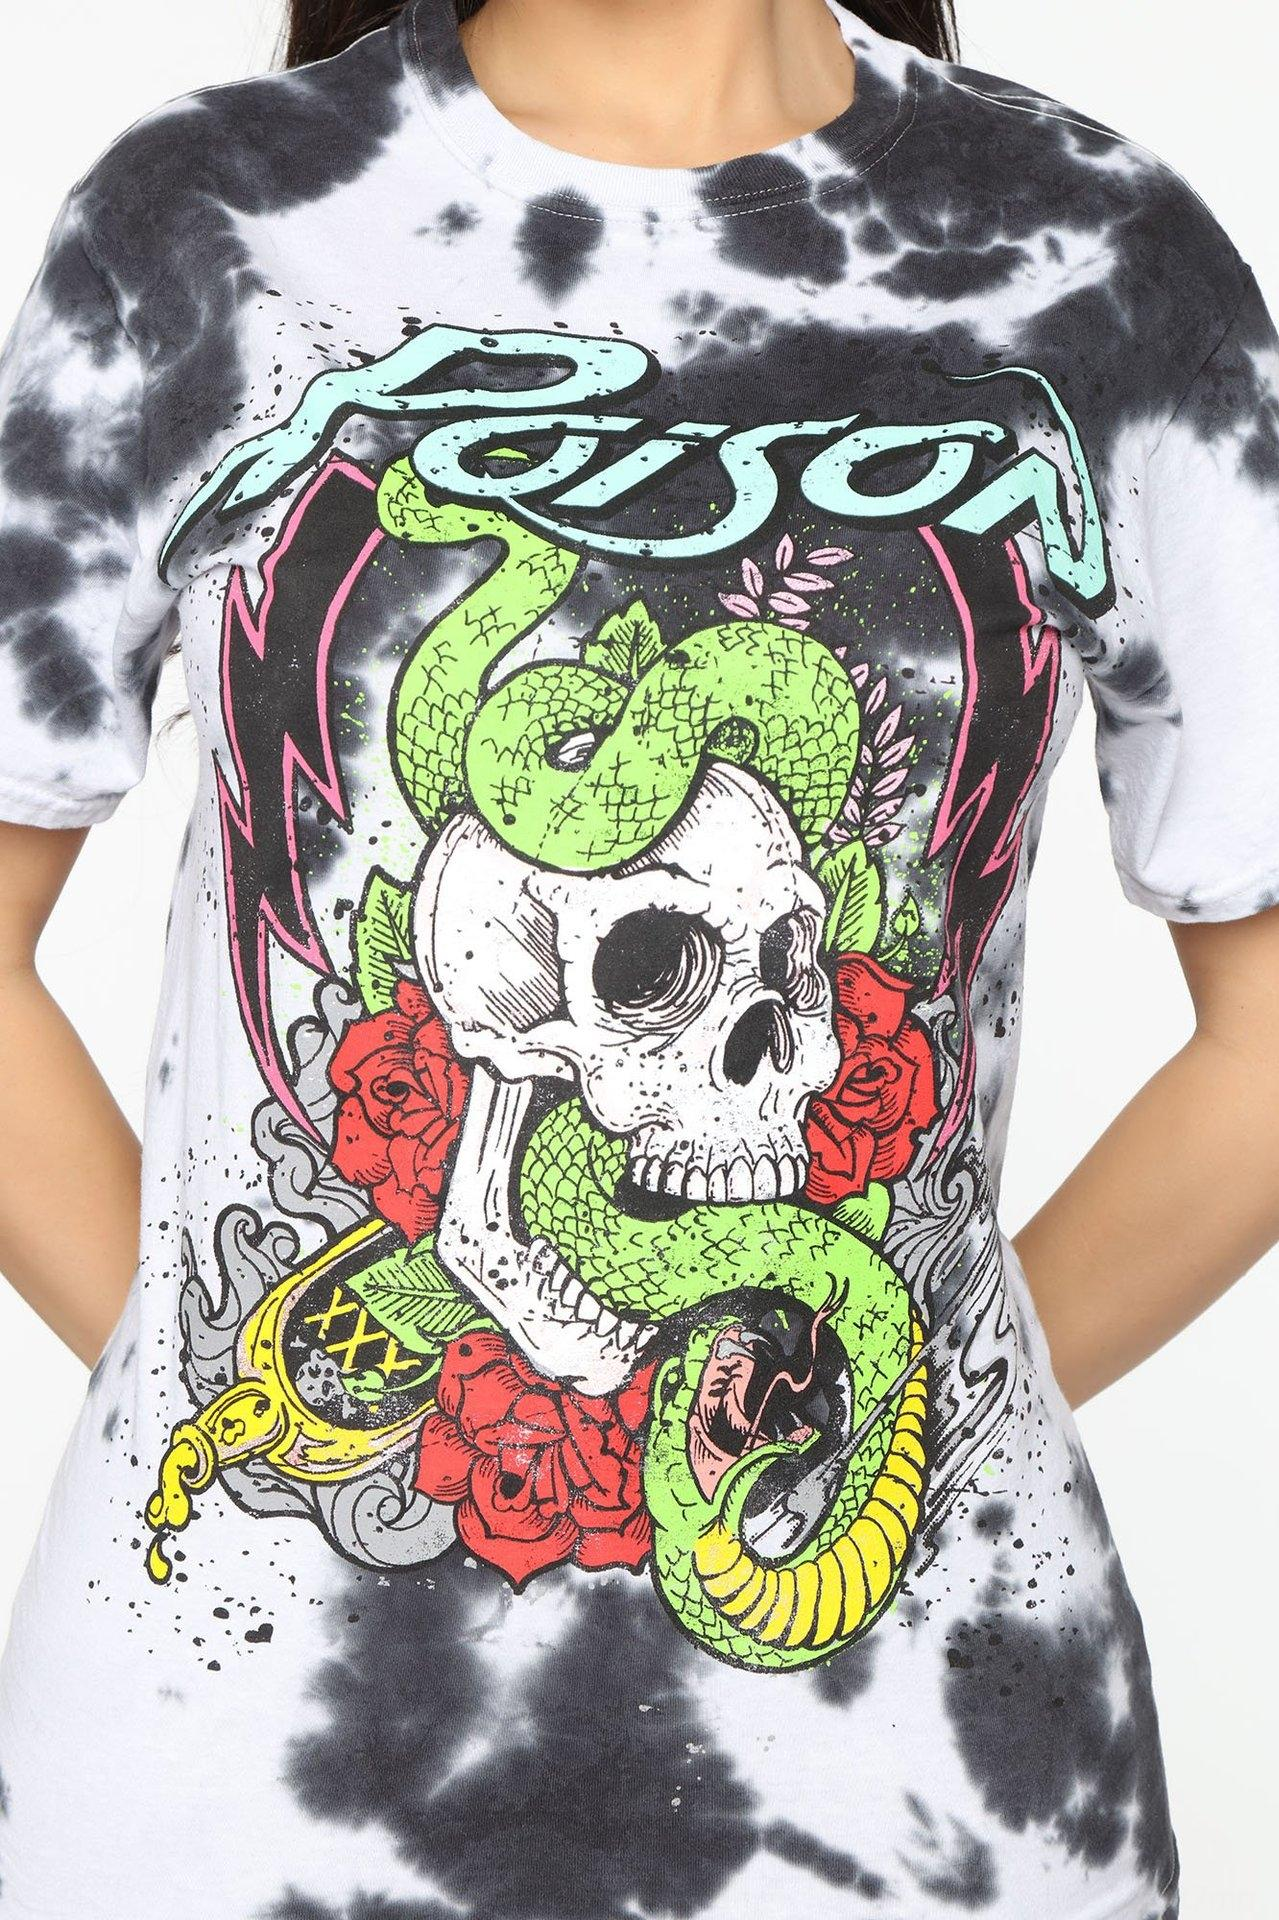 moda casual de las mujeres YZ1169 impreso moda casual camiseta impresa camiseta de las mujeres YZ1169 Digitales